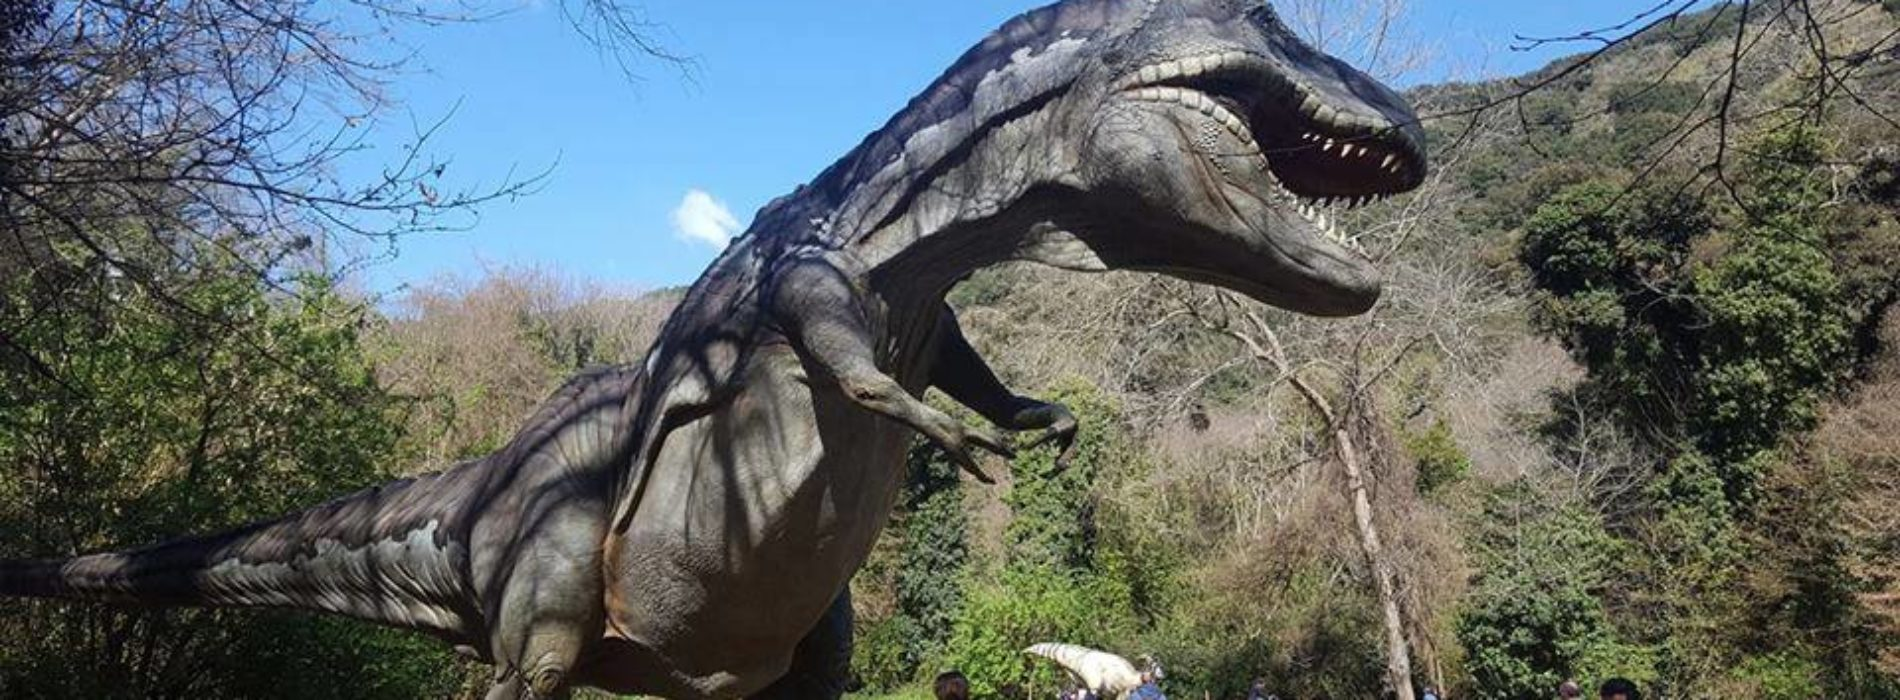 Riserva Naturale degli Astroni: una mostra dedicata ai dinosauri